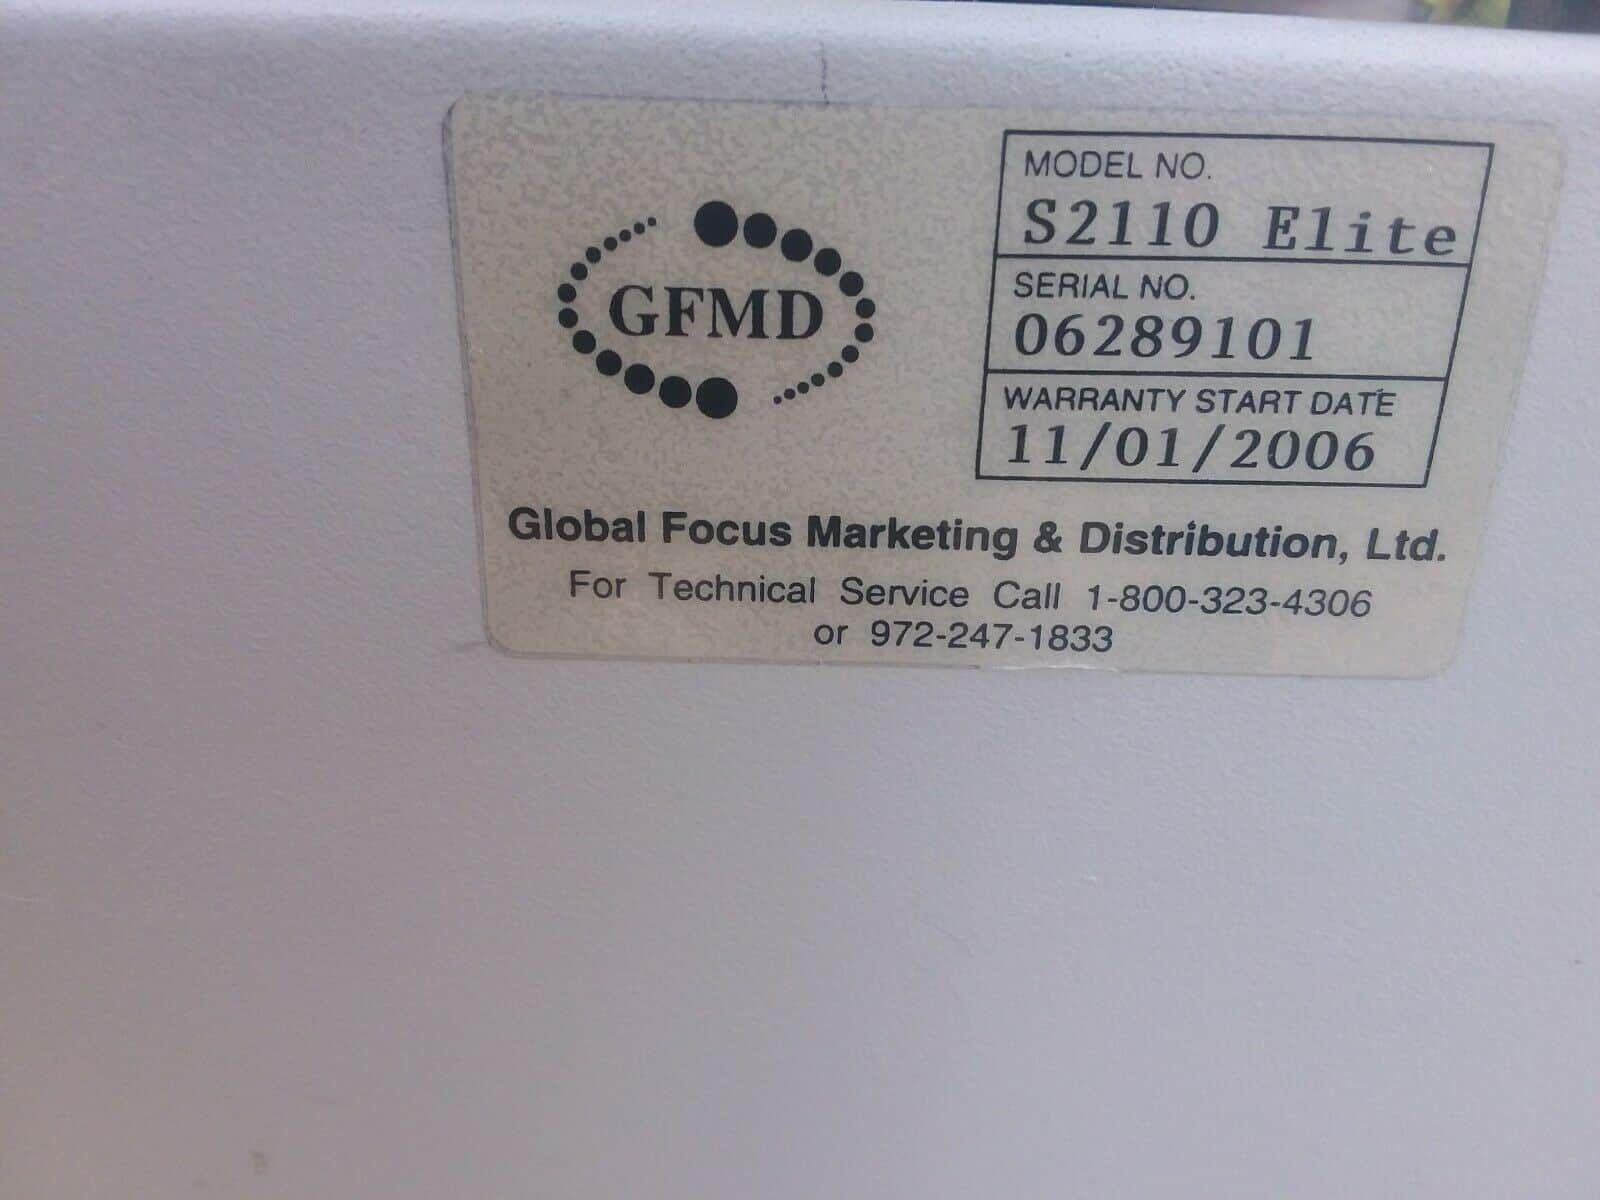 GLOBAL FOCUS MARKETING SILENCER 2110 ELITE S2110E Centrifuge System GFMD